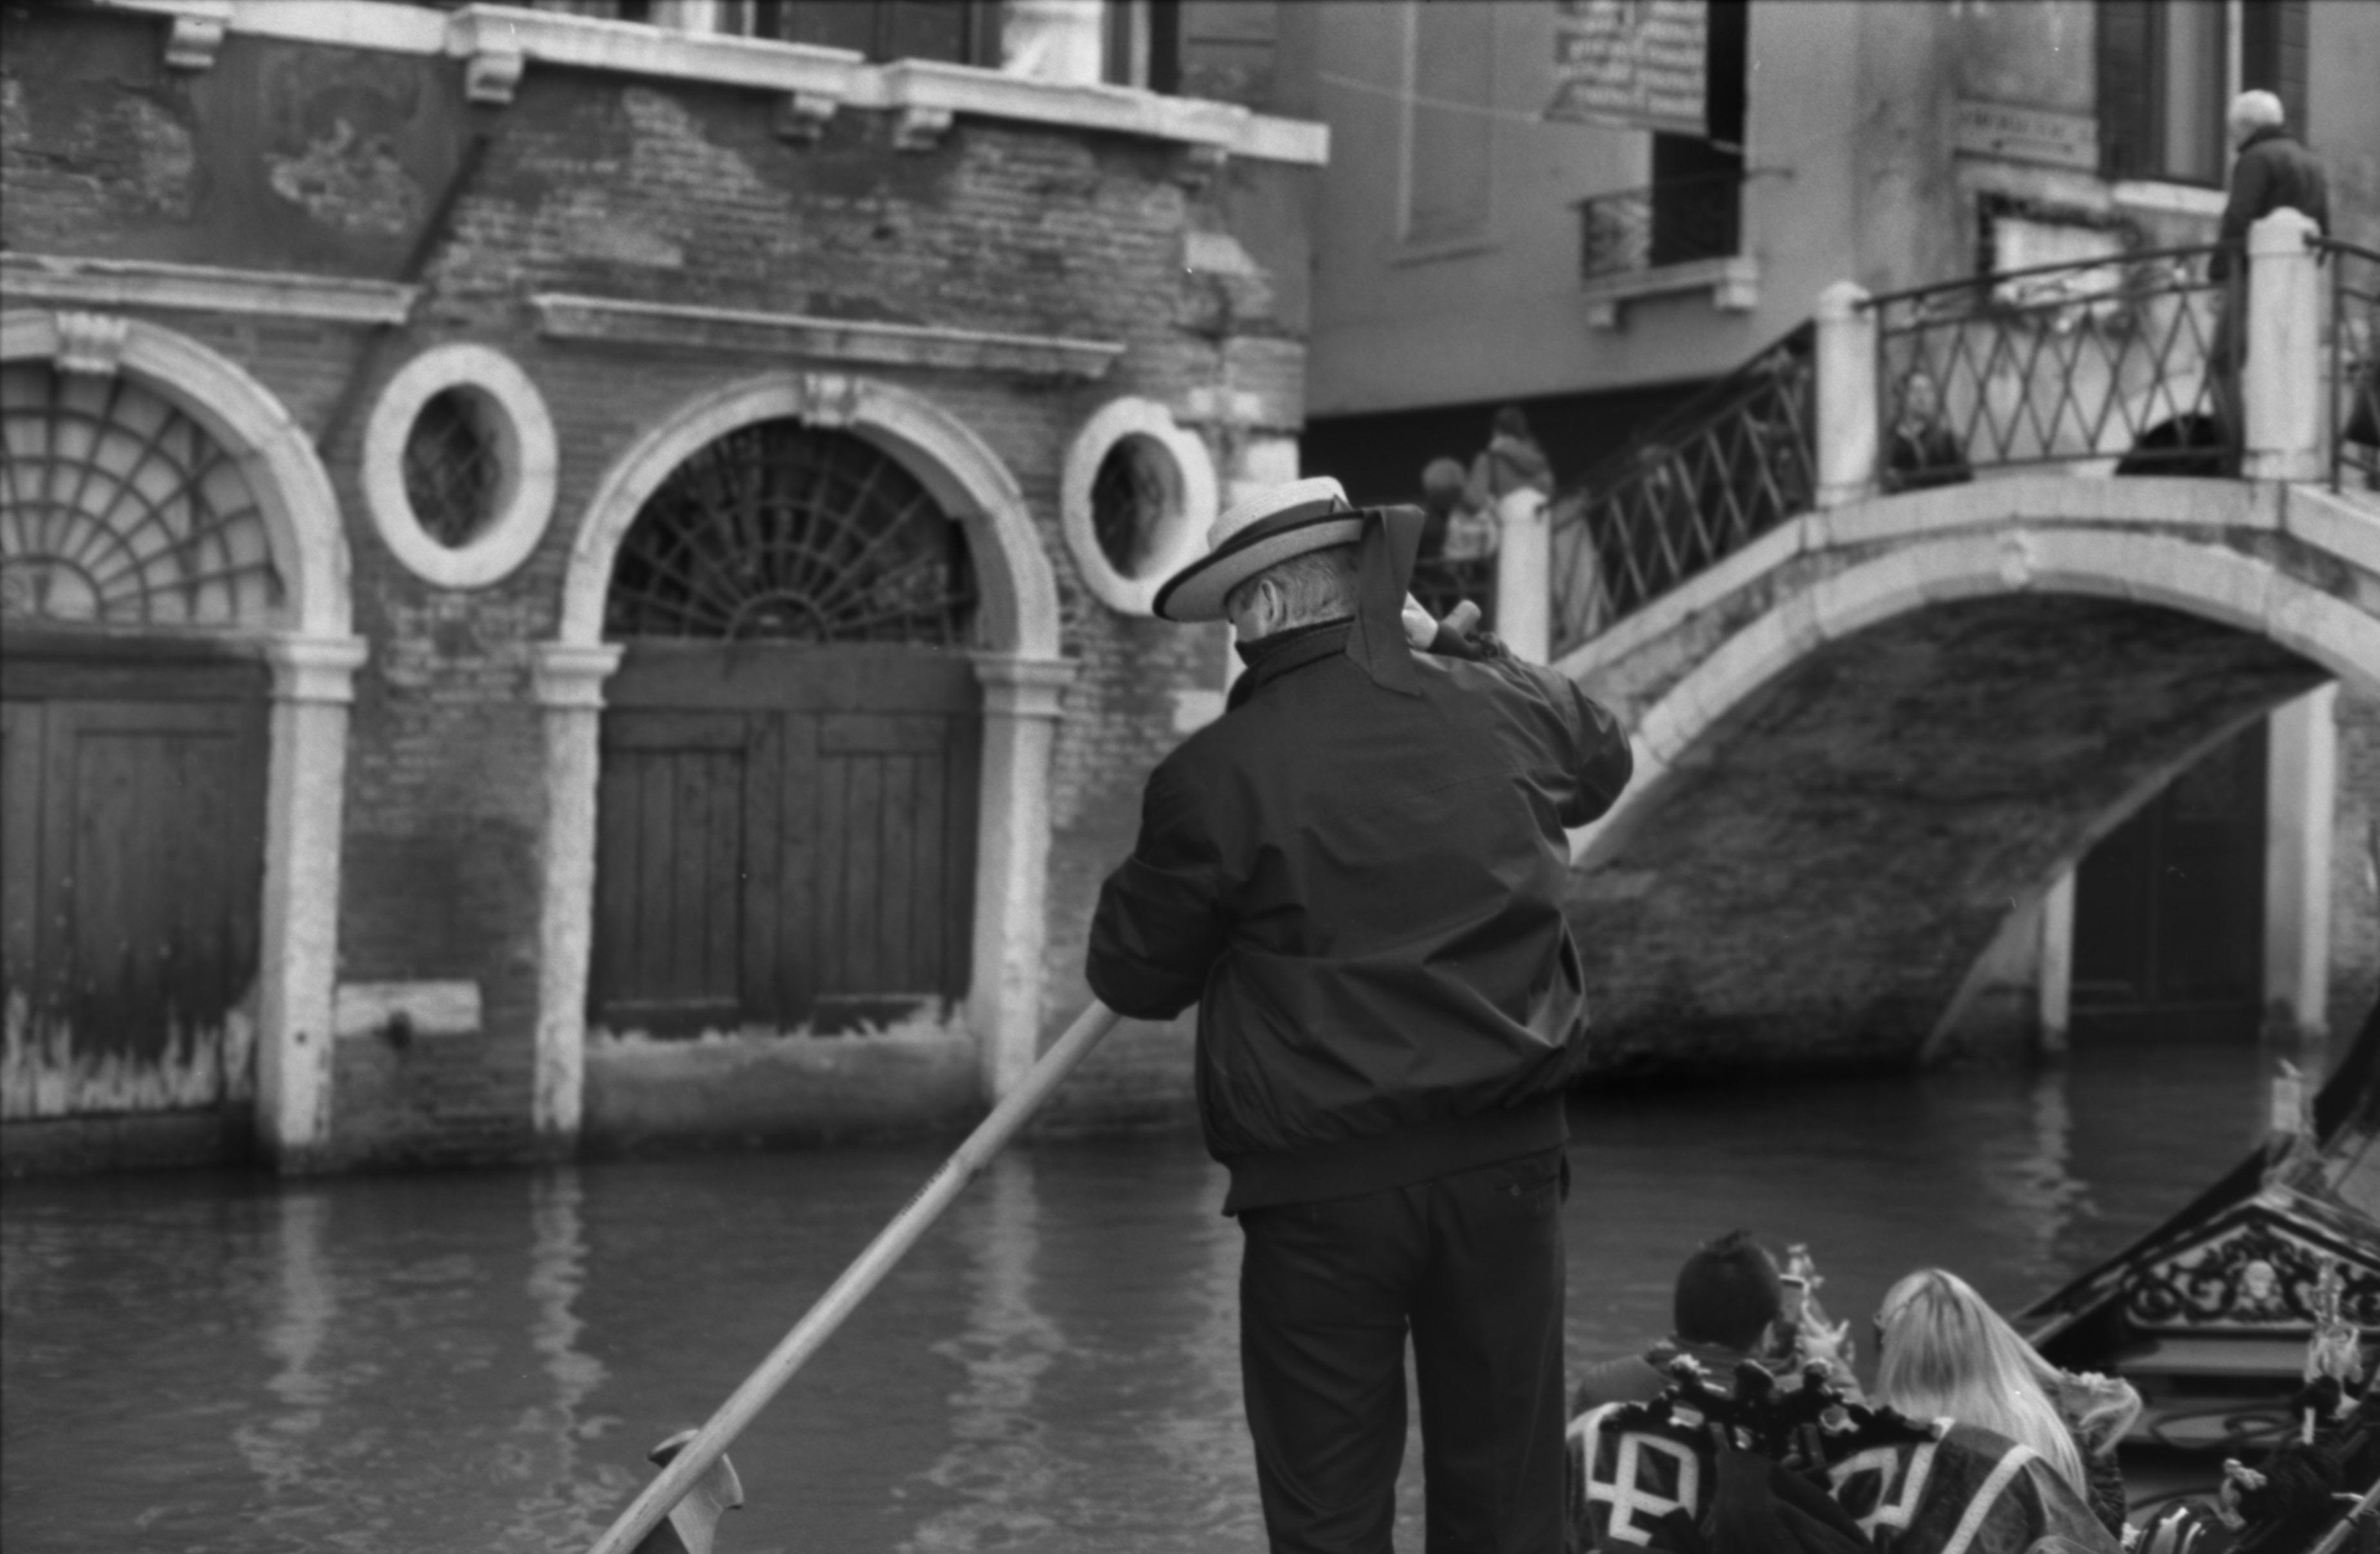 Venecia_35mm_66